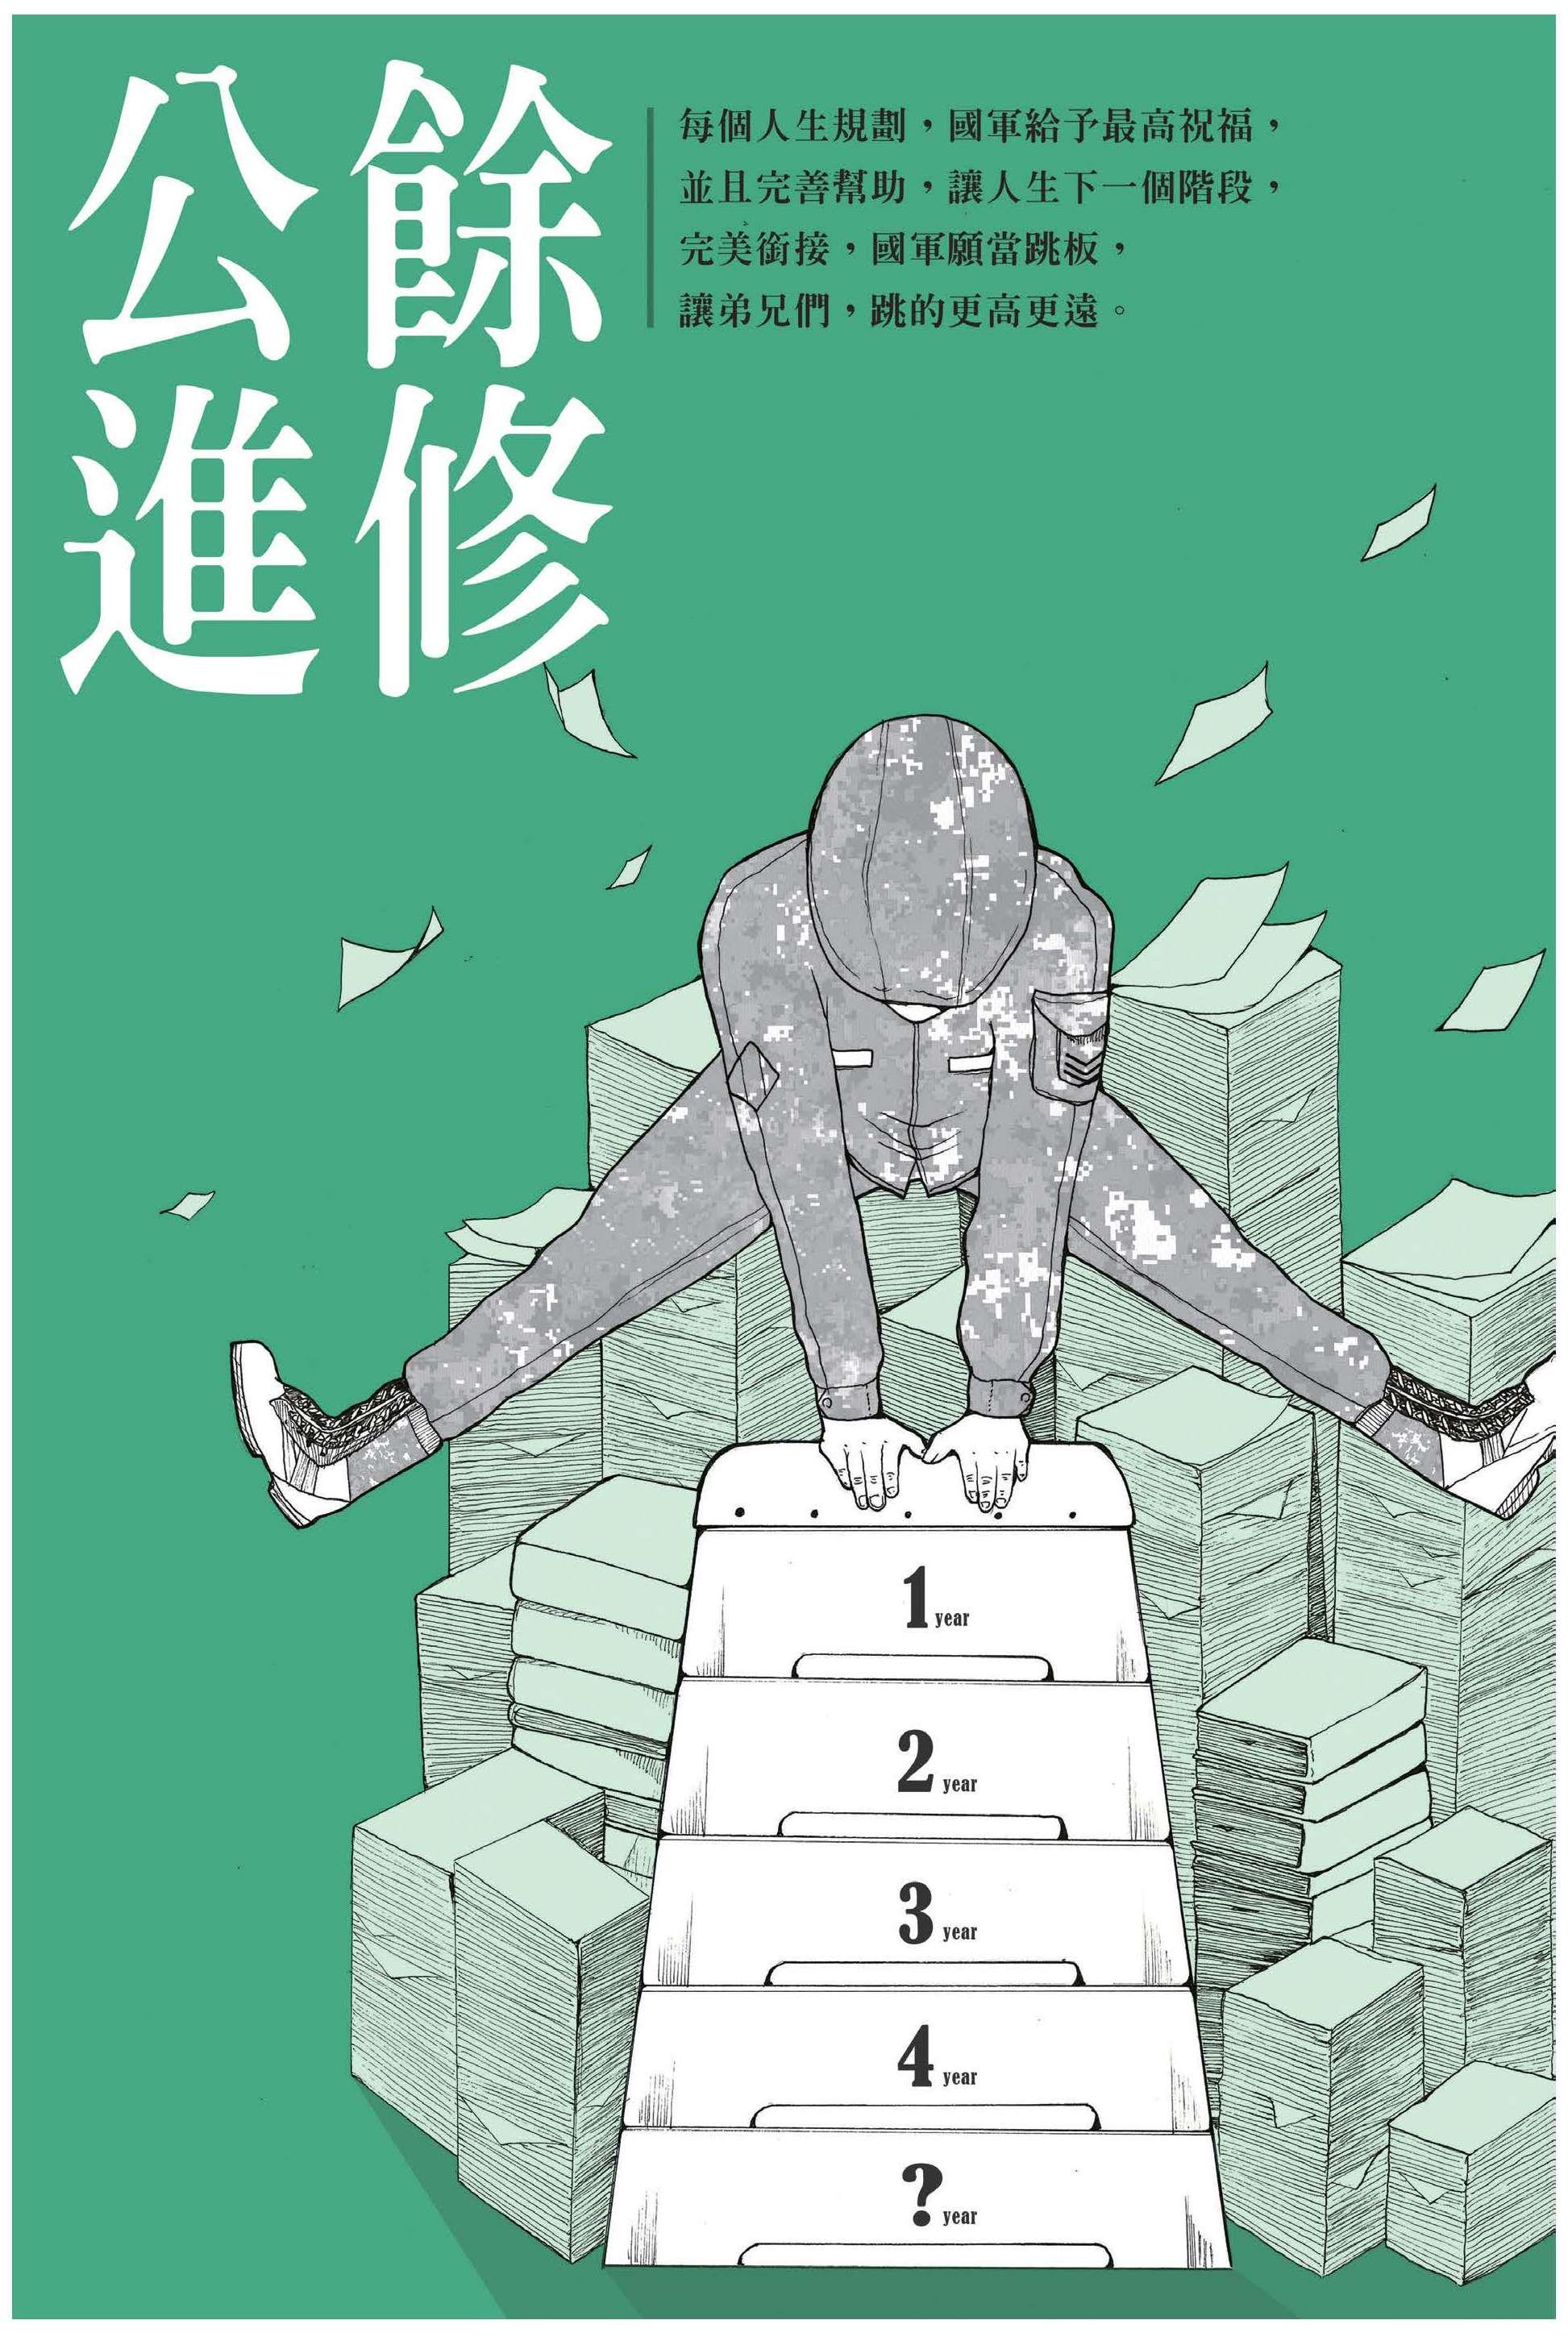 51屆漫畫項國軍組銅像獎_蛻11.jpg